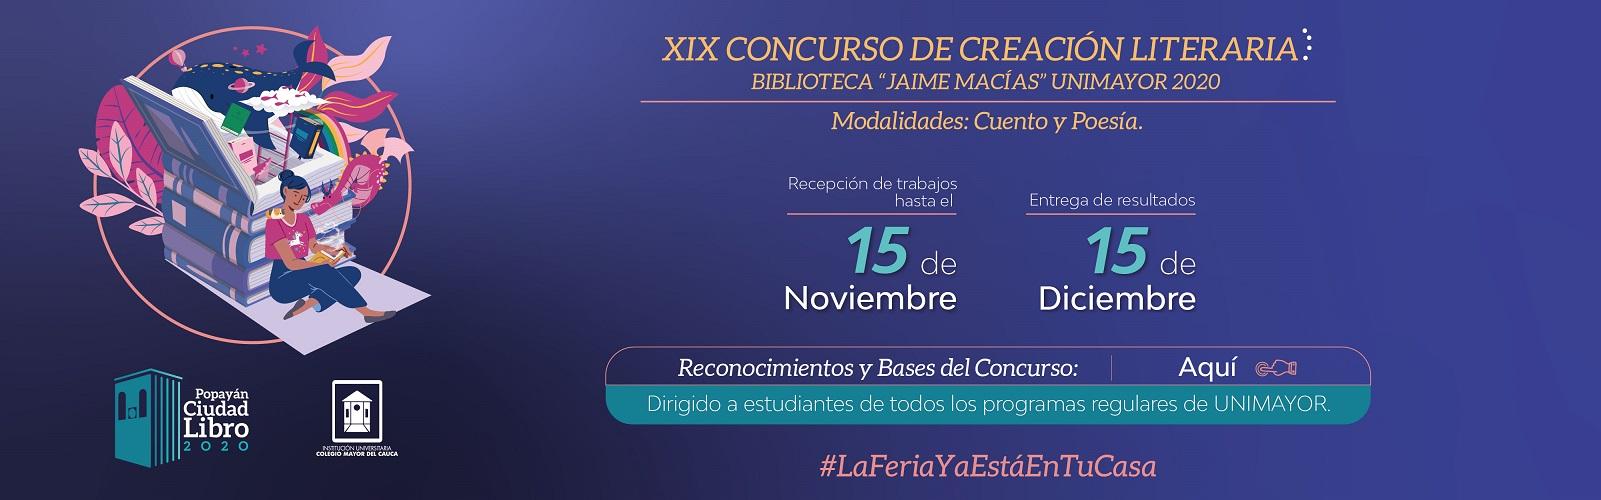 Bases_XIX_Concurso_Creación_Literaria_Biblioteca_Jaime_Macías_Banner